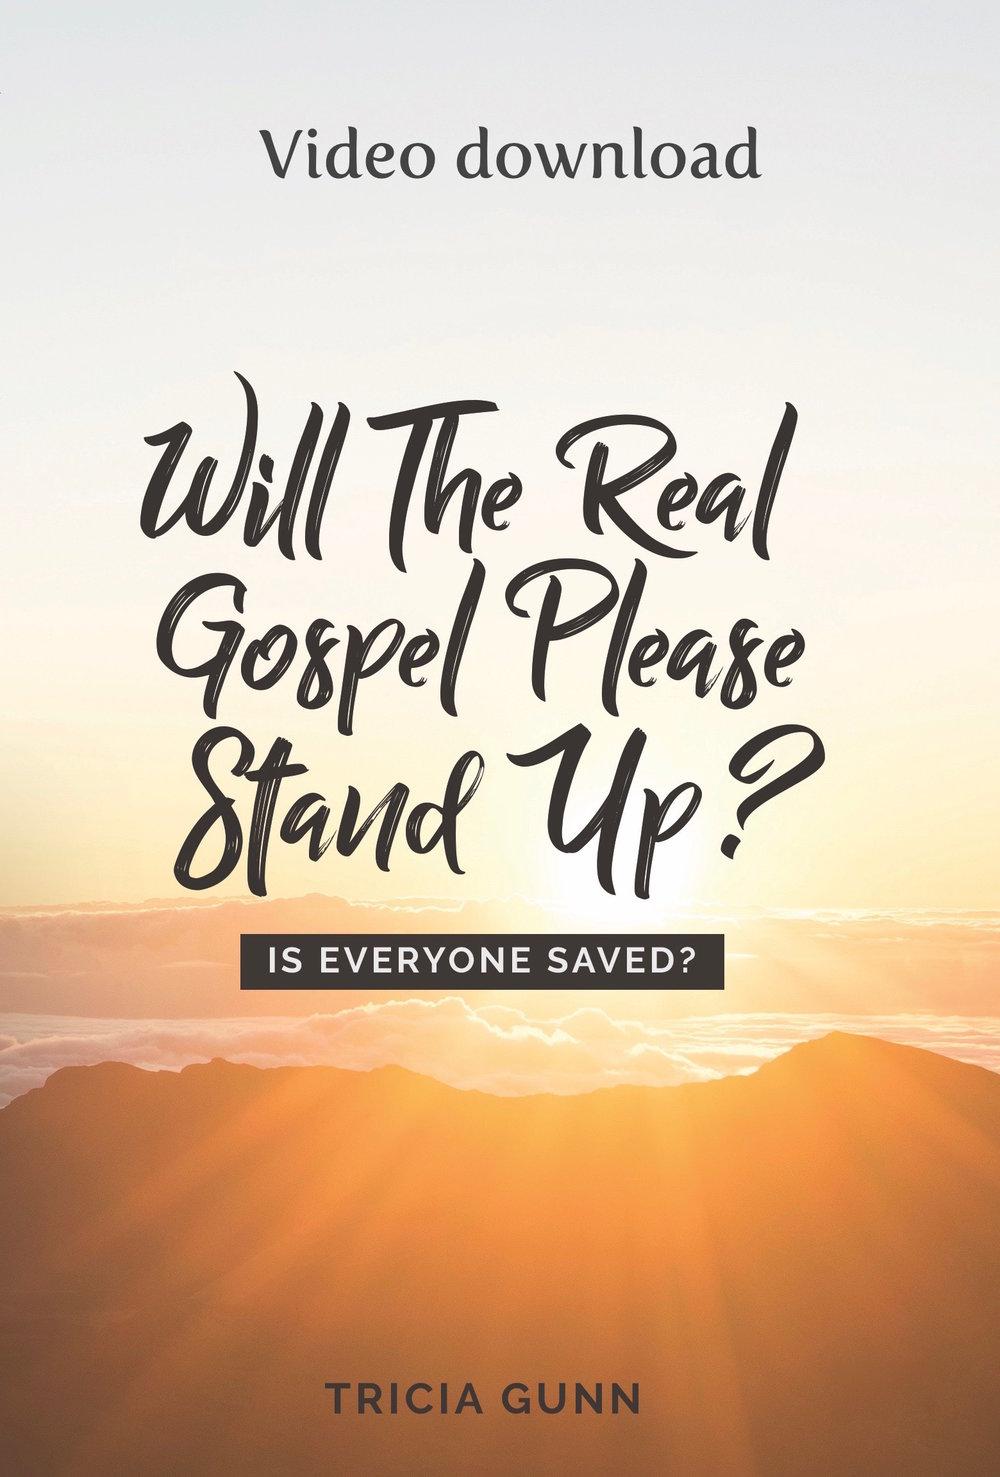 RealGospel--Is Everyone Saved? video.jpg